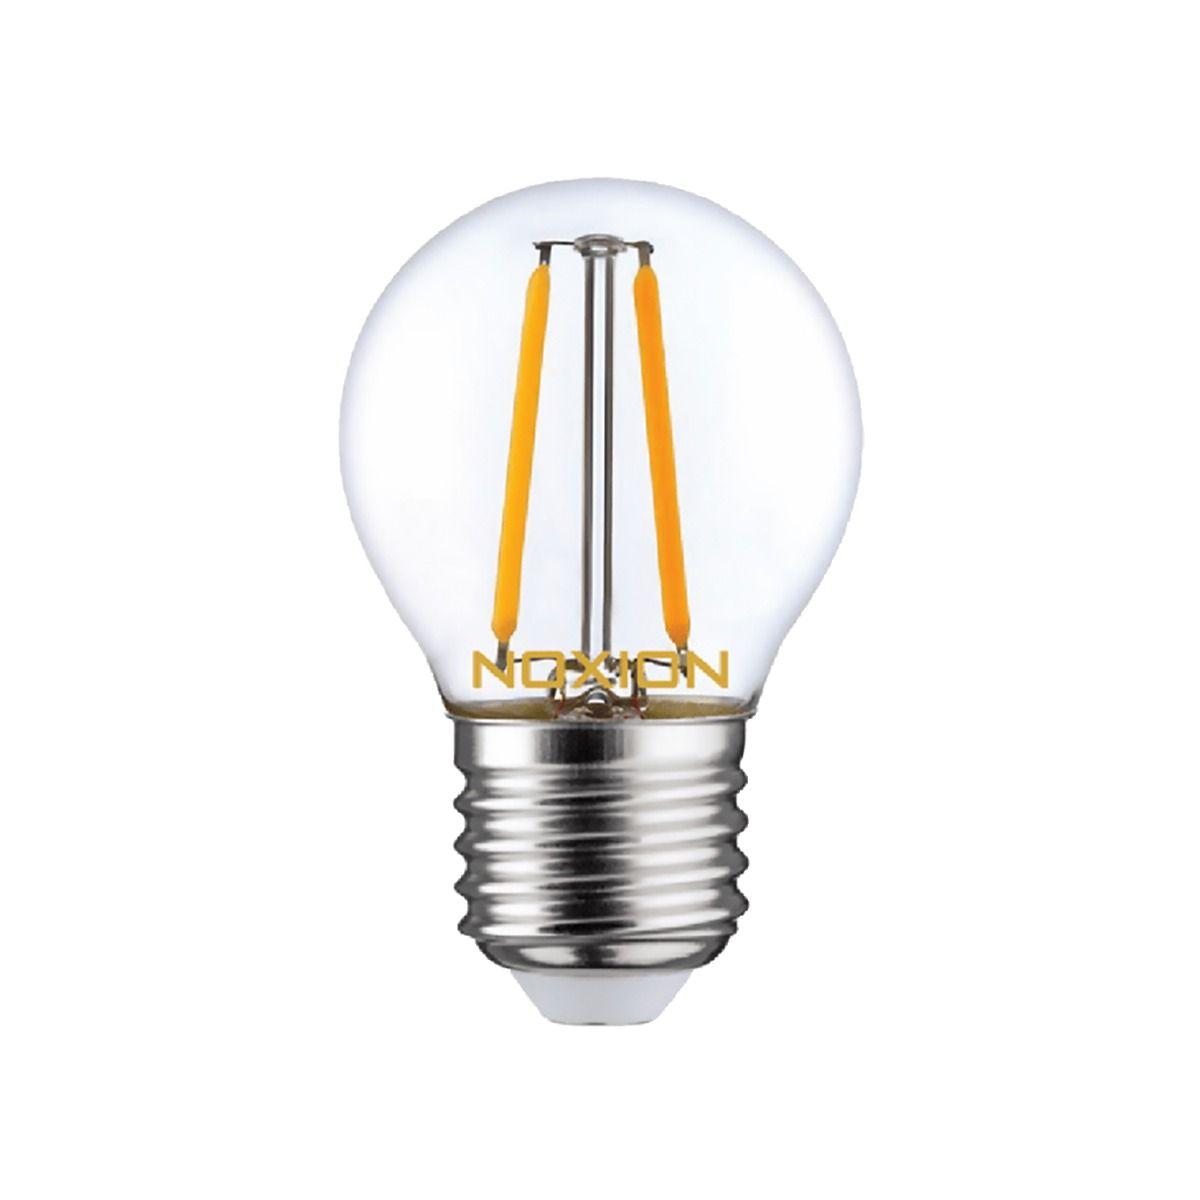 Noxion Lucent LED Lustre E27 2.6W 827 Filament   Extra Varm Vit - Ersättare 25W